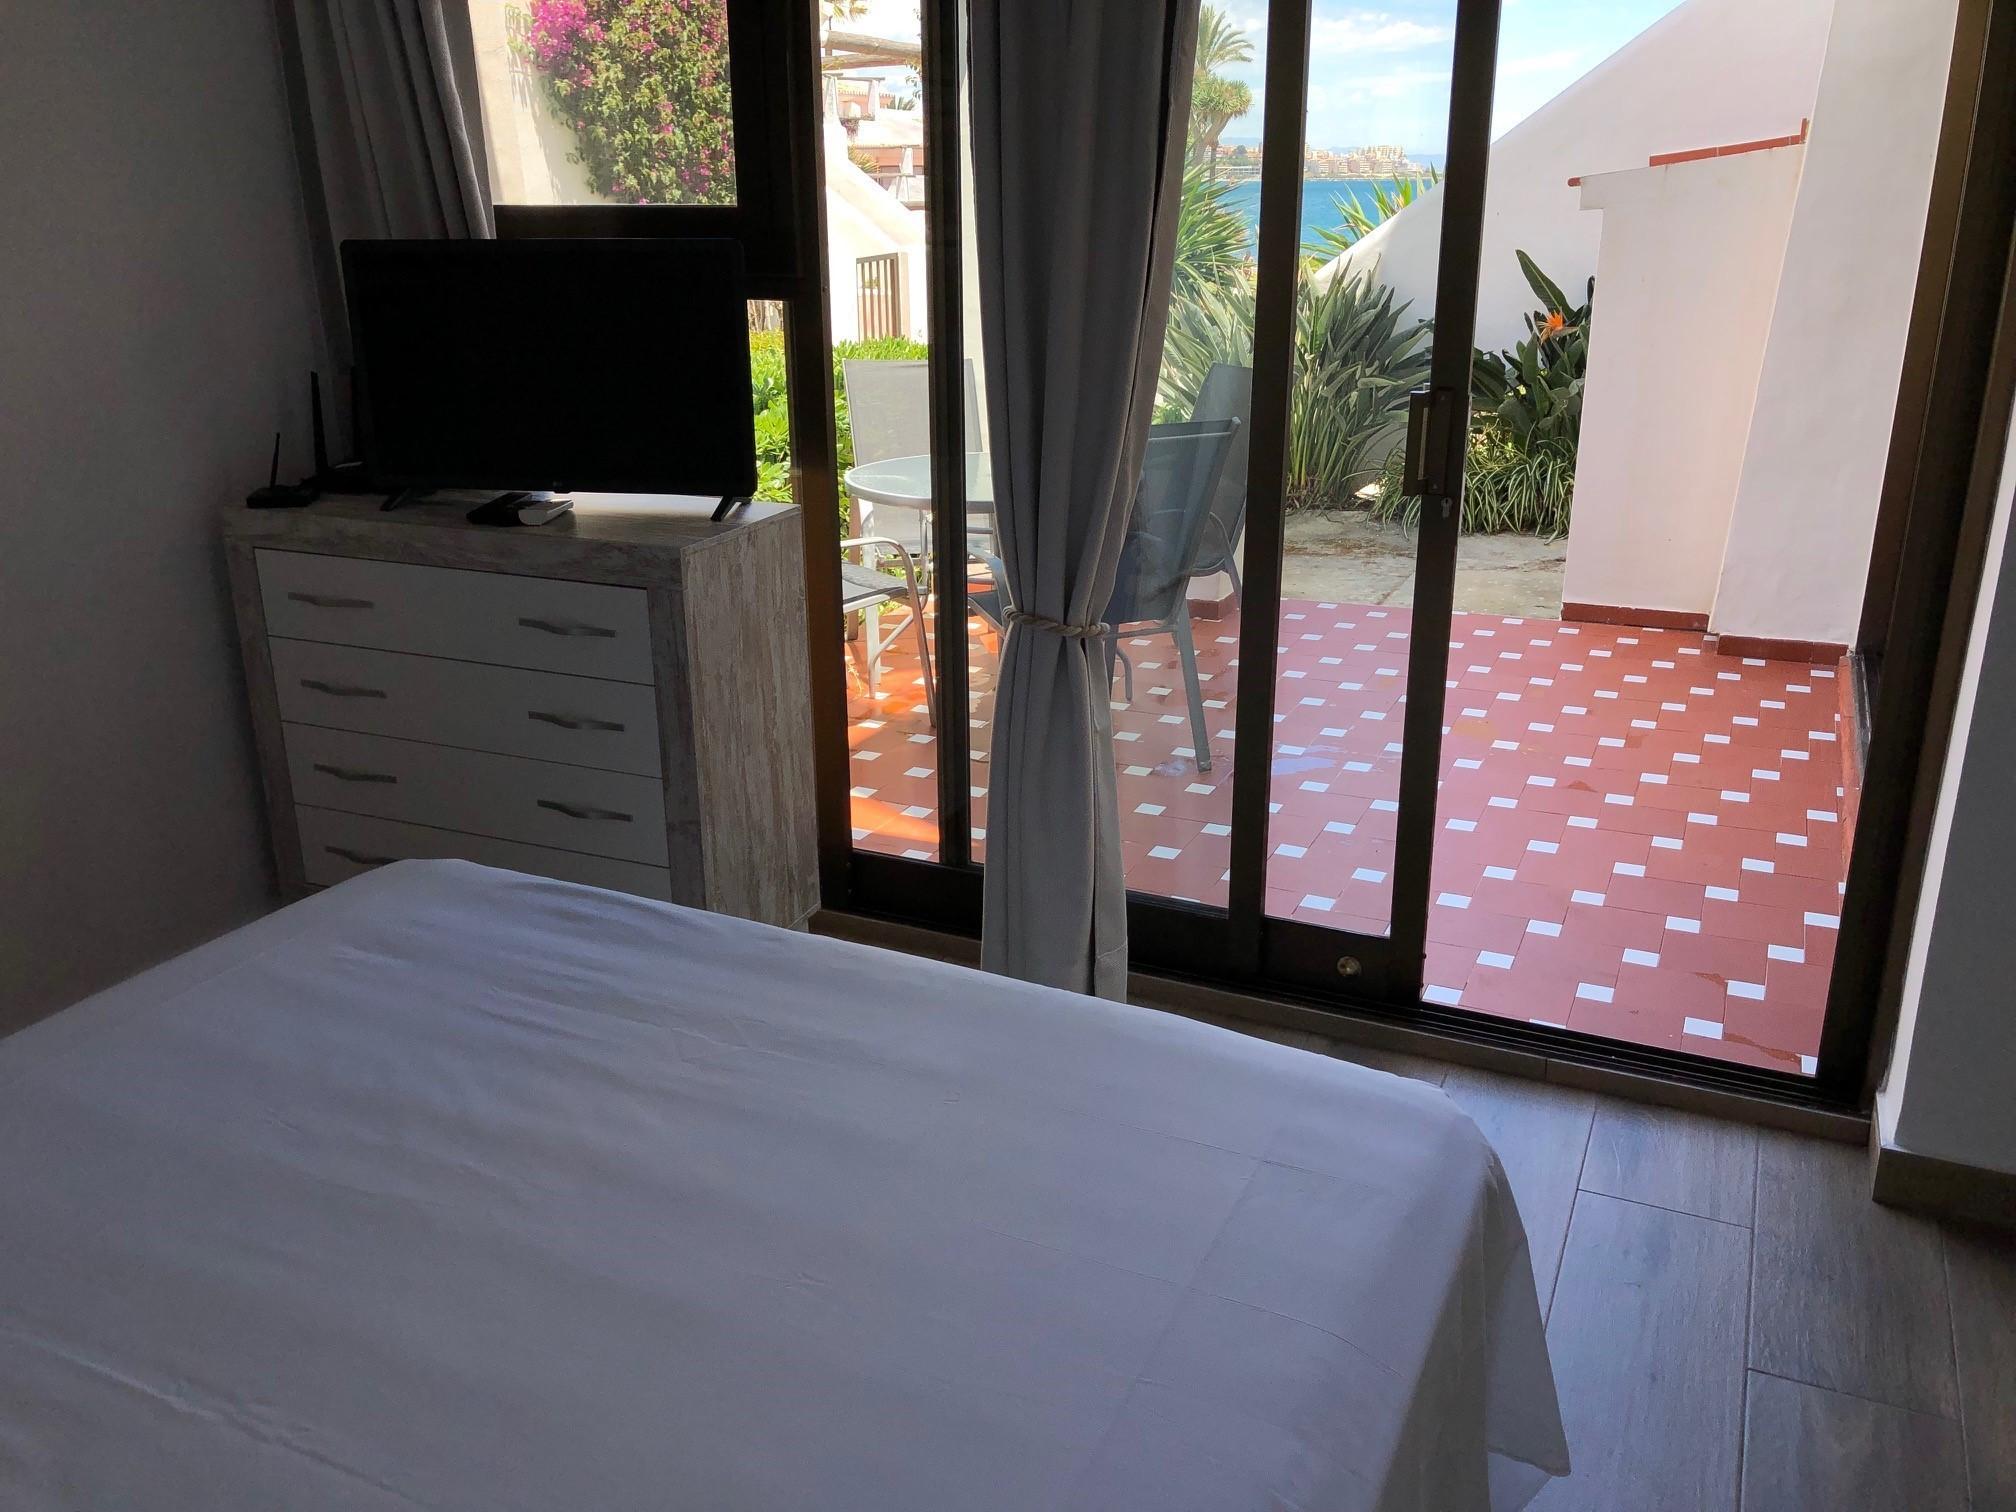 cama y view1